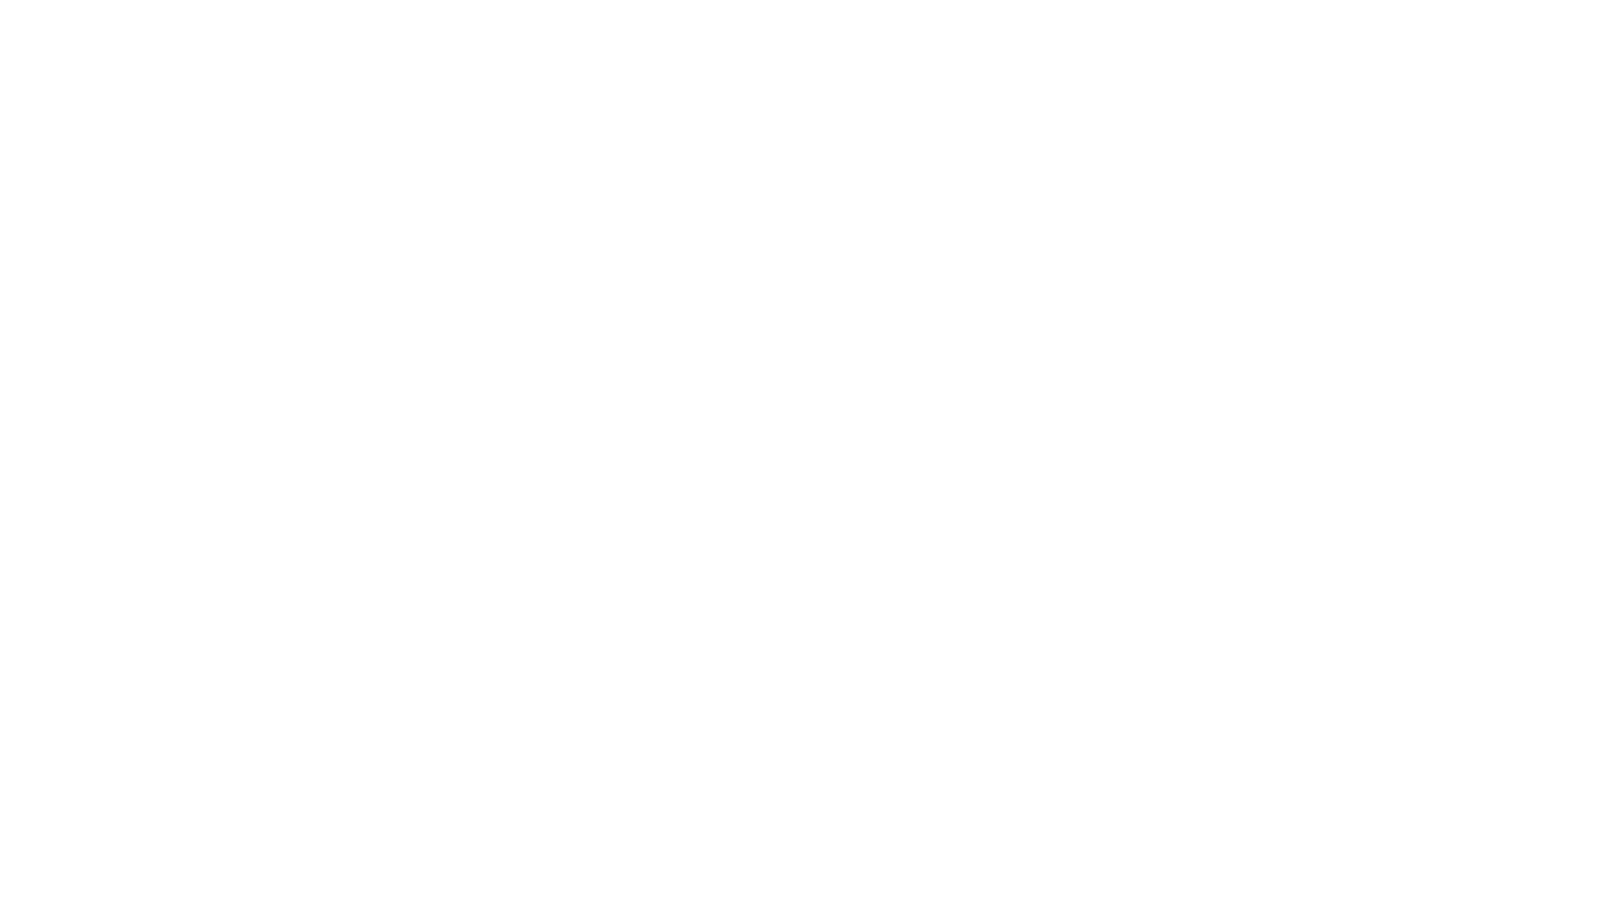 Utilización de marcas de trayectorias en el protector.  Trabajo del día de hoy del grupo femenino de @chestevoleibol, se ha marcado en el Metacrilato que protege la televisión, las trayectorias óptimas en estos momentos de distintos tipos de ataque y su punto de corte óptimo (varía ligeramente para cada jugadora). Con el vídeo  delay , retrasando 3 segundos la imagen, podían comprobar colocadoras y atacantes si el balón iba por la trayectoria deseada y si se golpeaba en el punto adecuado, dando una información muy visual del objetivo buscado. Ha sido entretenido, motivante y ha dado buenos resultados. Ha sido un entrenamiento de baja intensidad pero buscando optimizar las repeticiones de calidad.